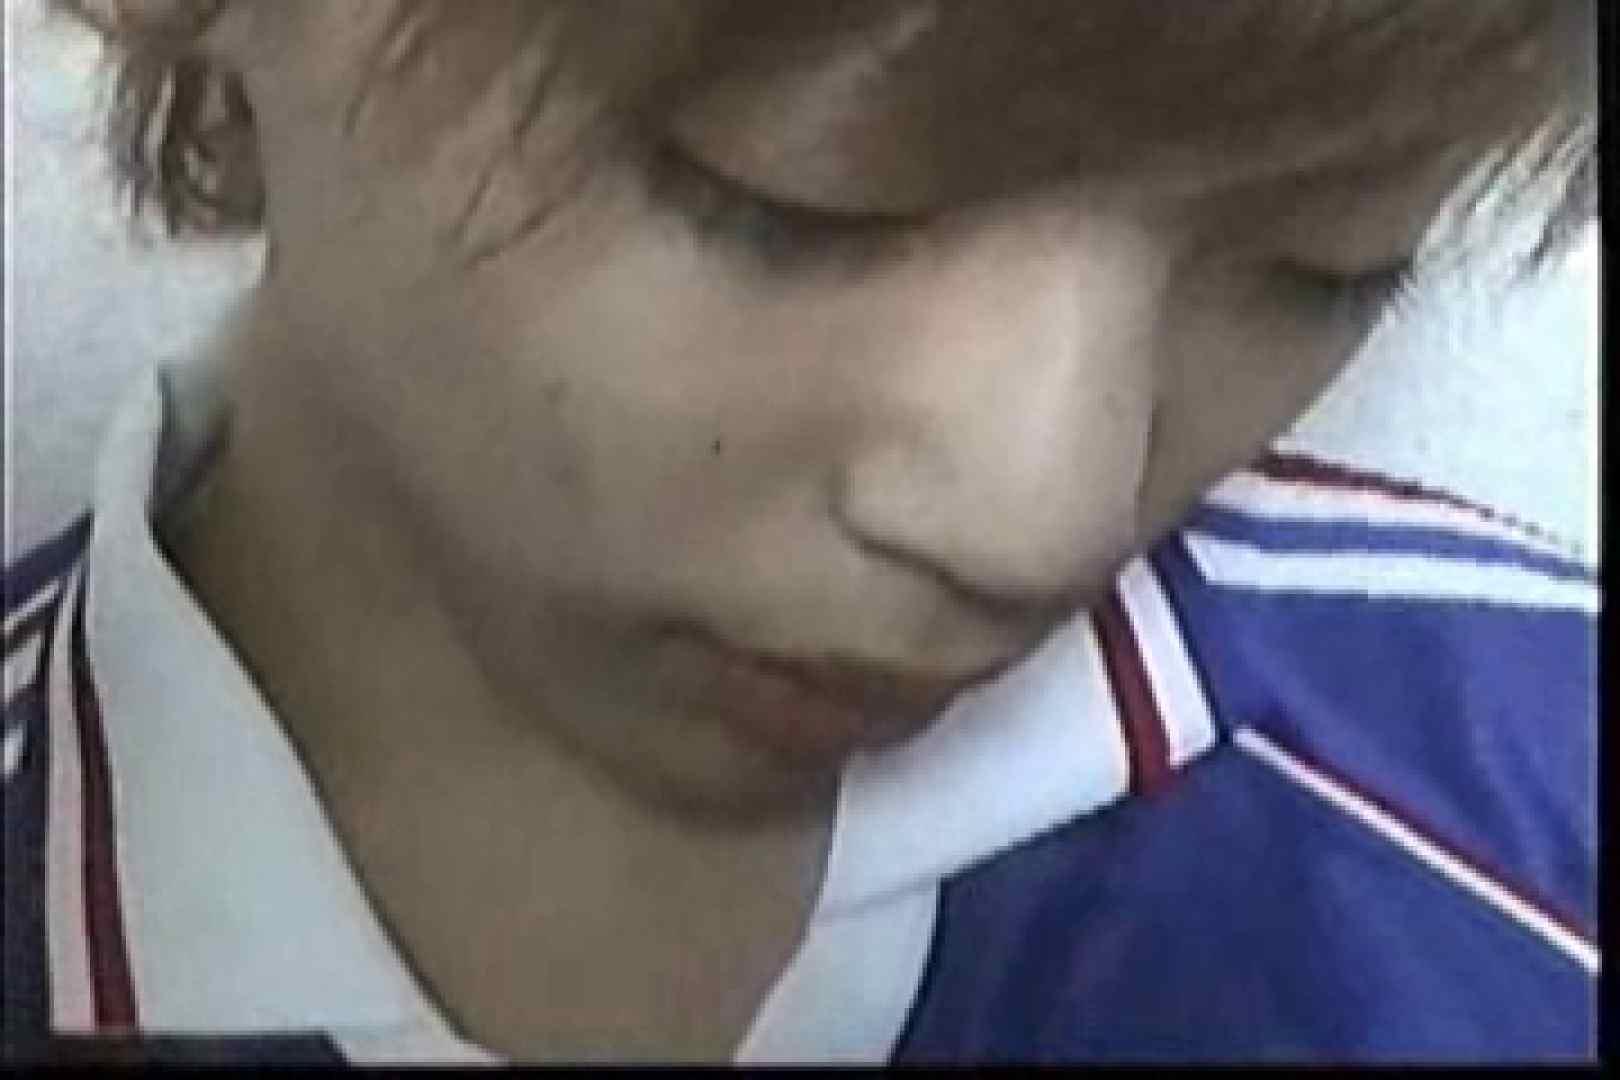 【流出】知られざる僕の秘密…vol.03 ハメ撮り放出 ゲイエロビデオ画像 90pic 6